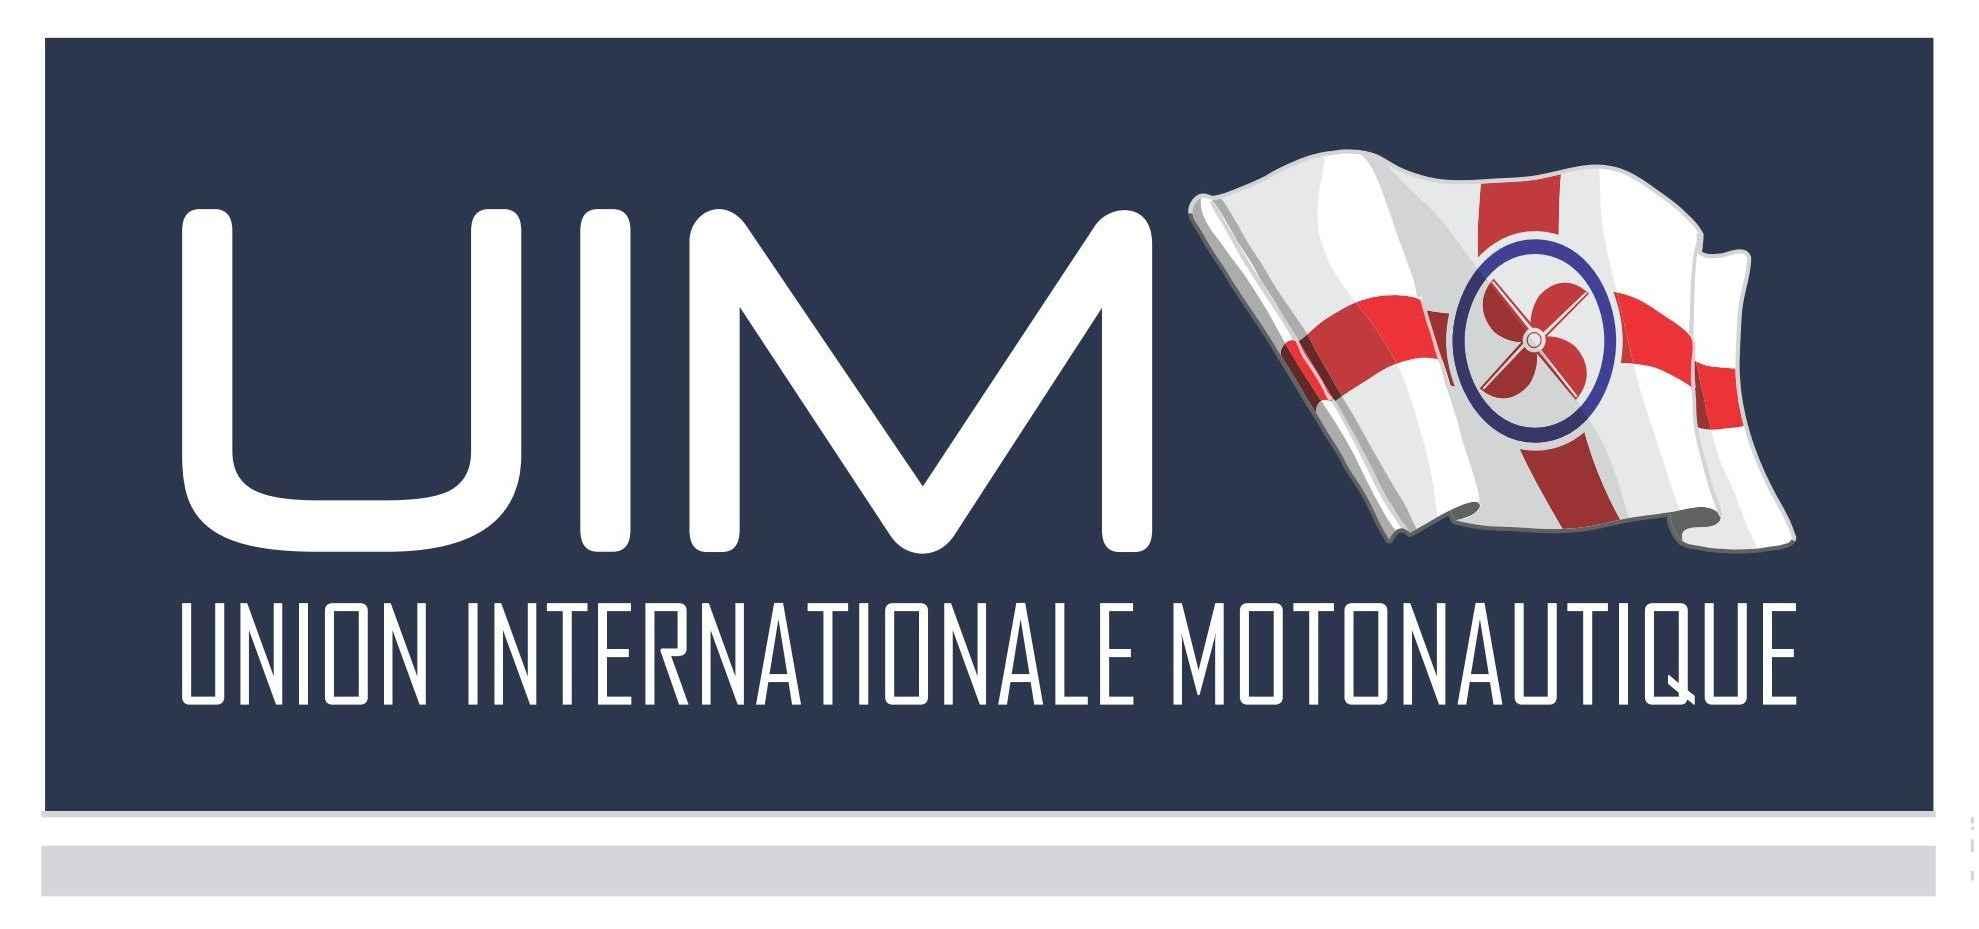 Union Internationale Motonautique UIM logo